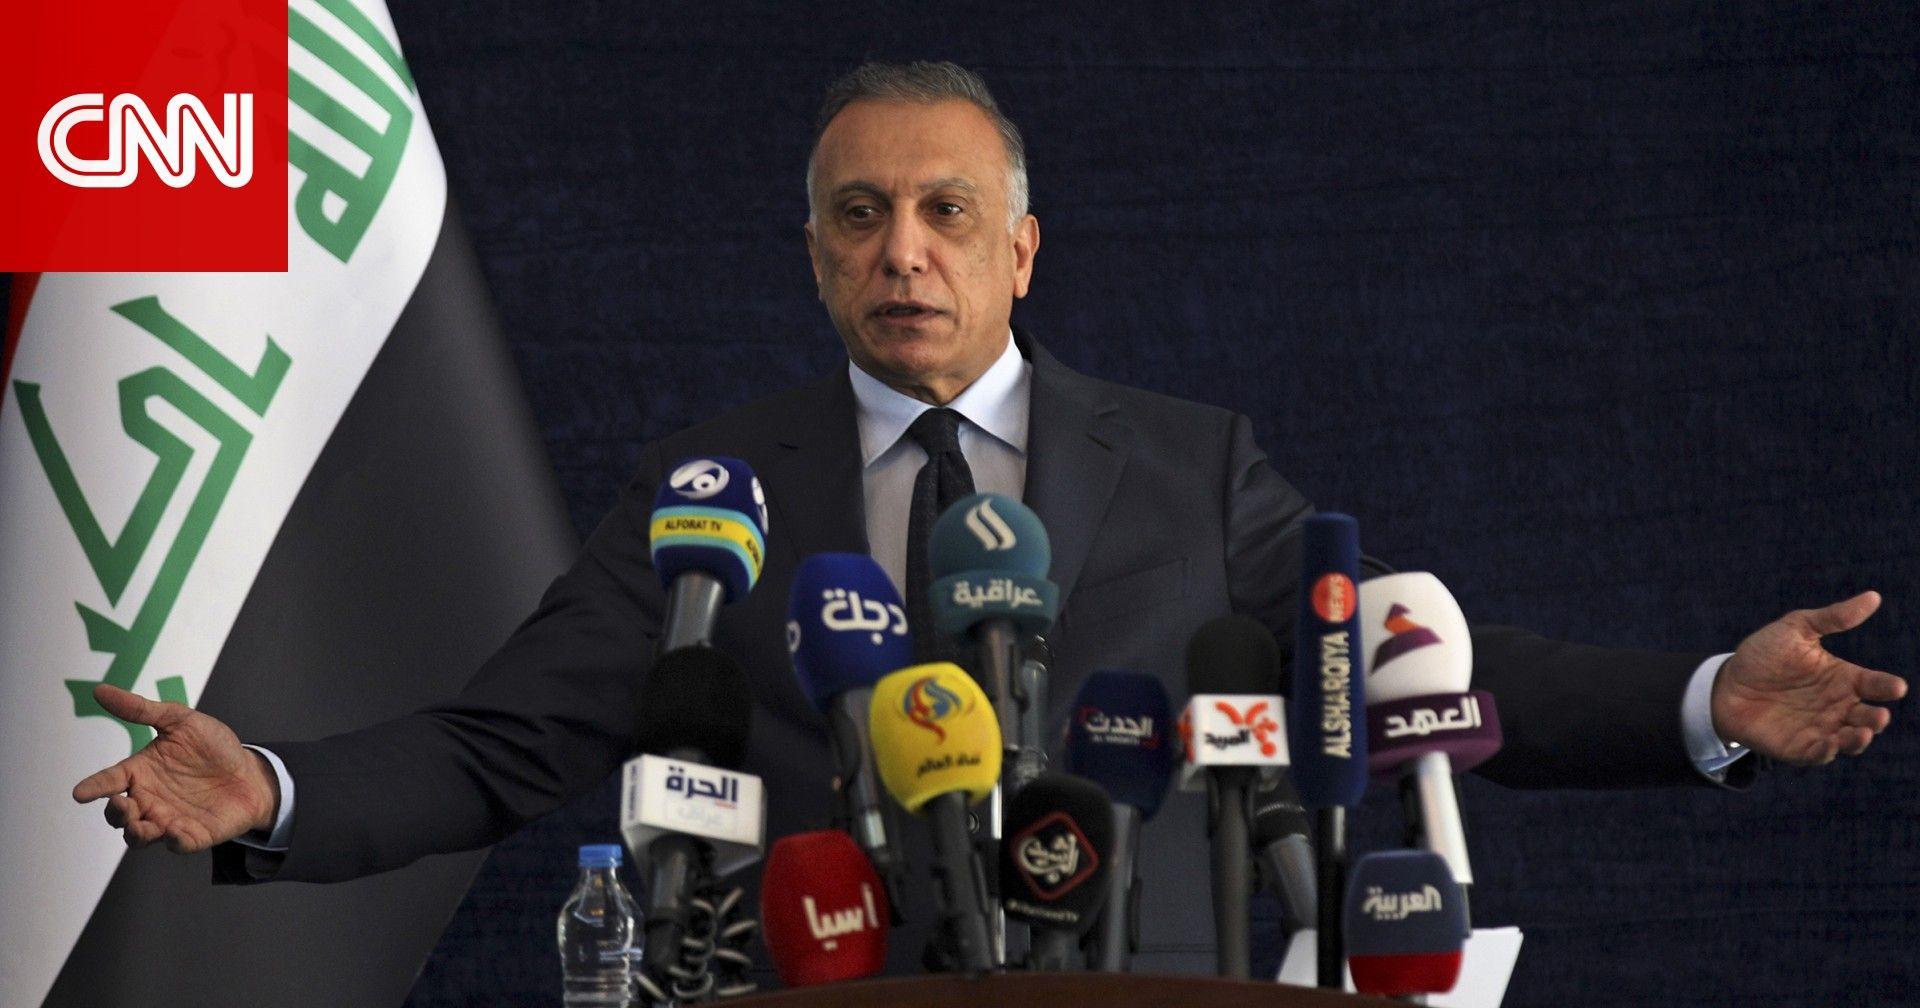 بعد تداول فيديو تعذيب مراهق عراقي القبض على عناصر أمنية وإحالة قائدهم إلى الإمرة Cnn In 2020 News